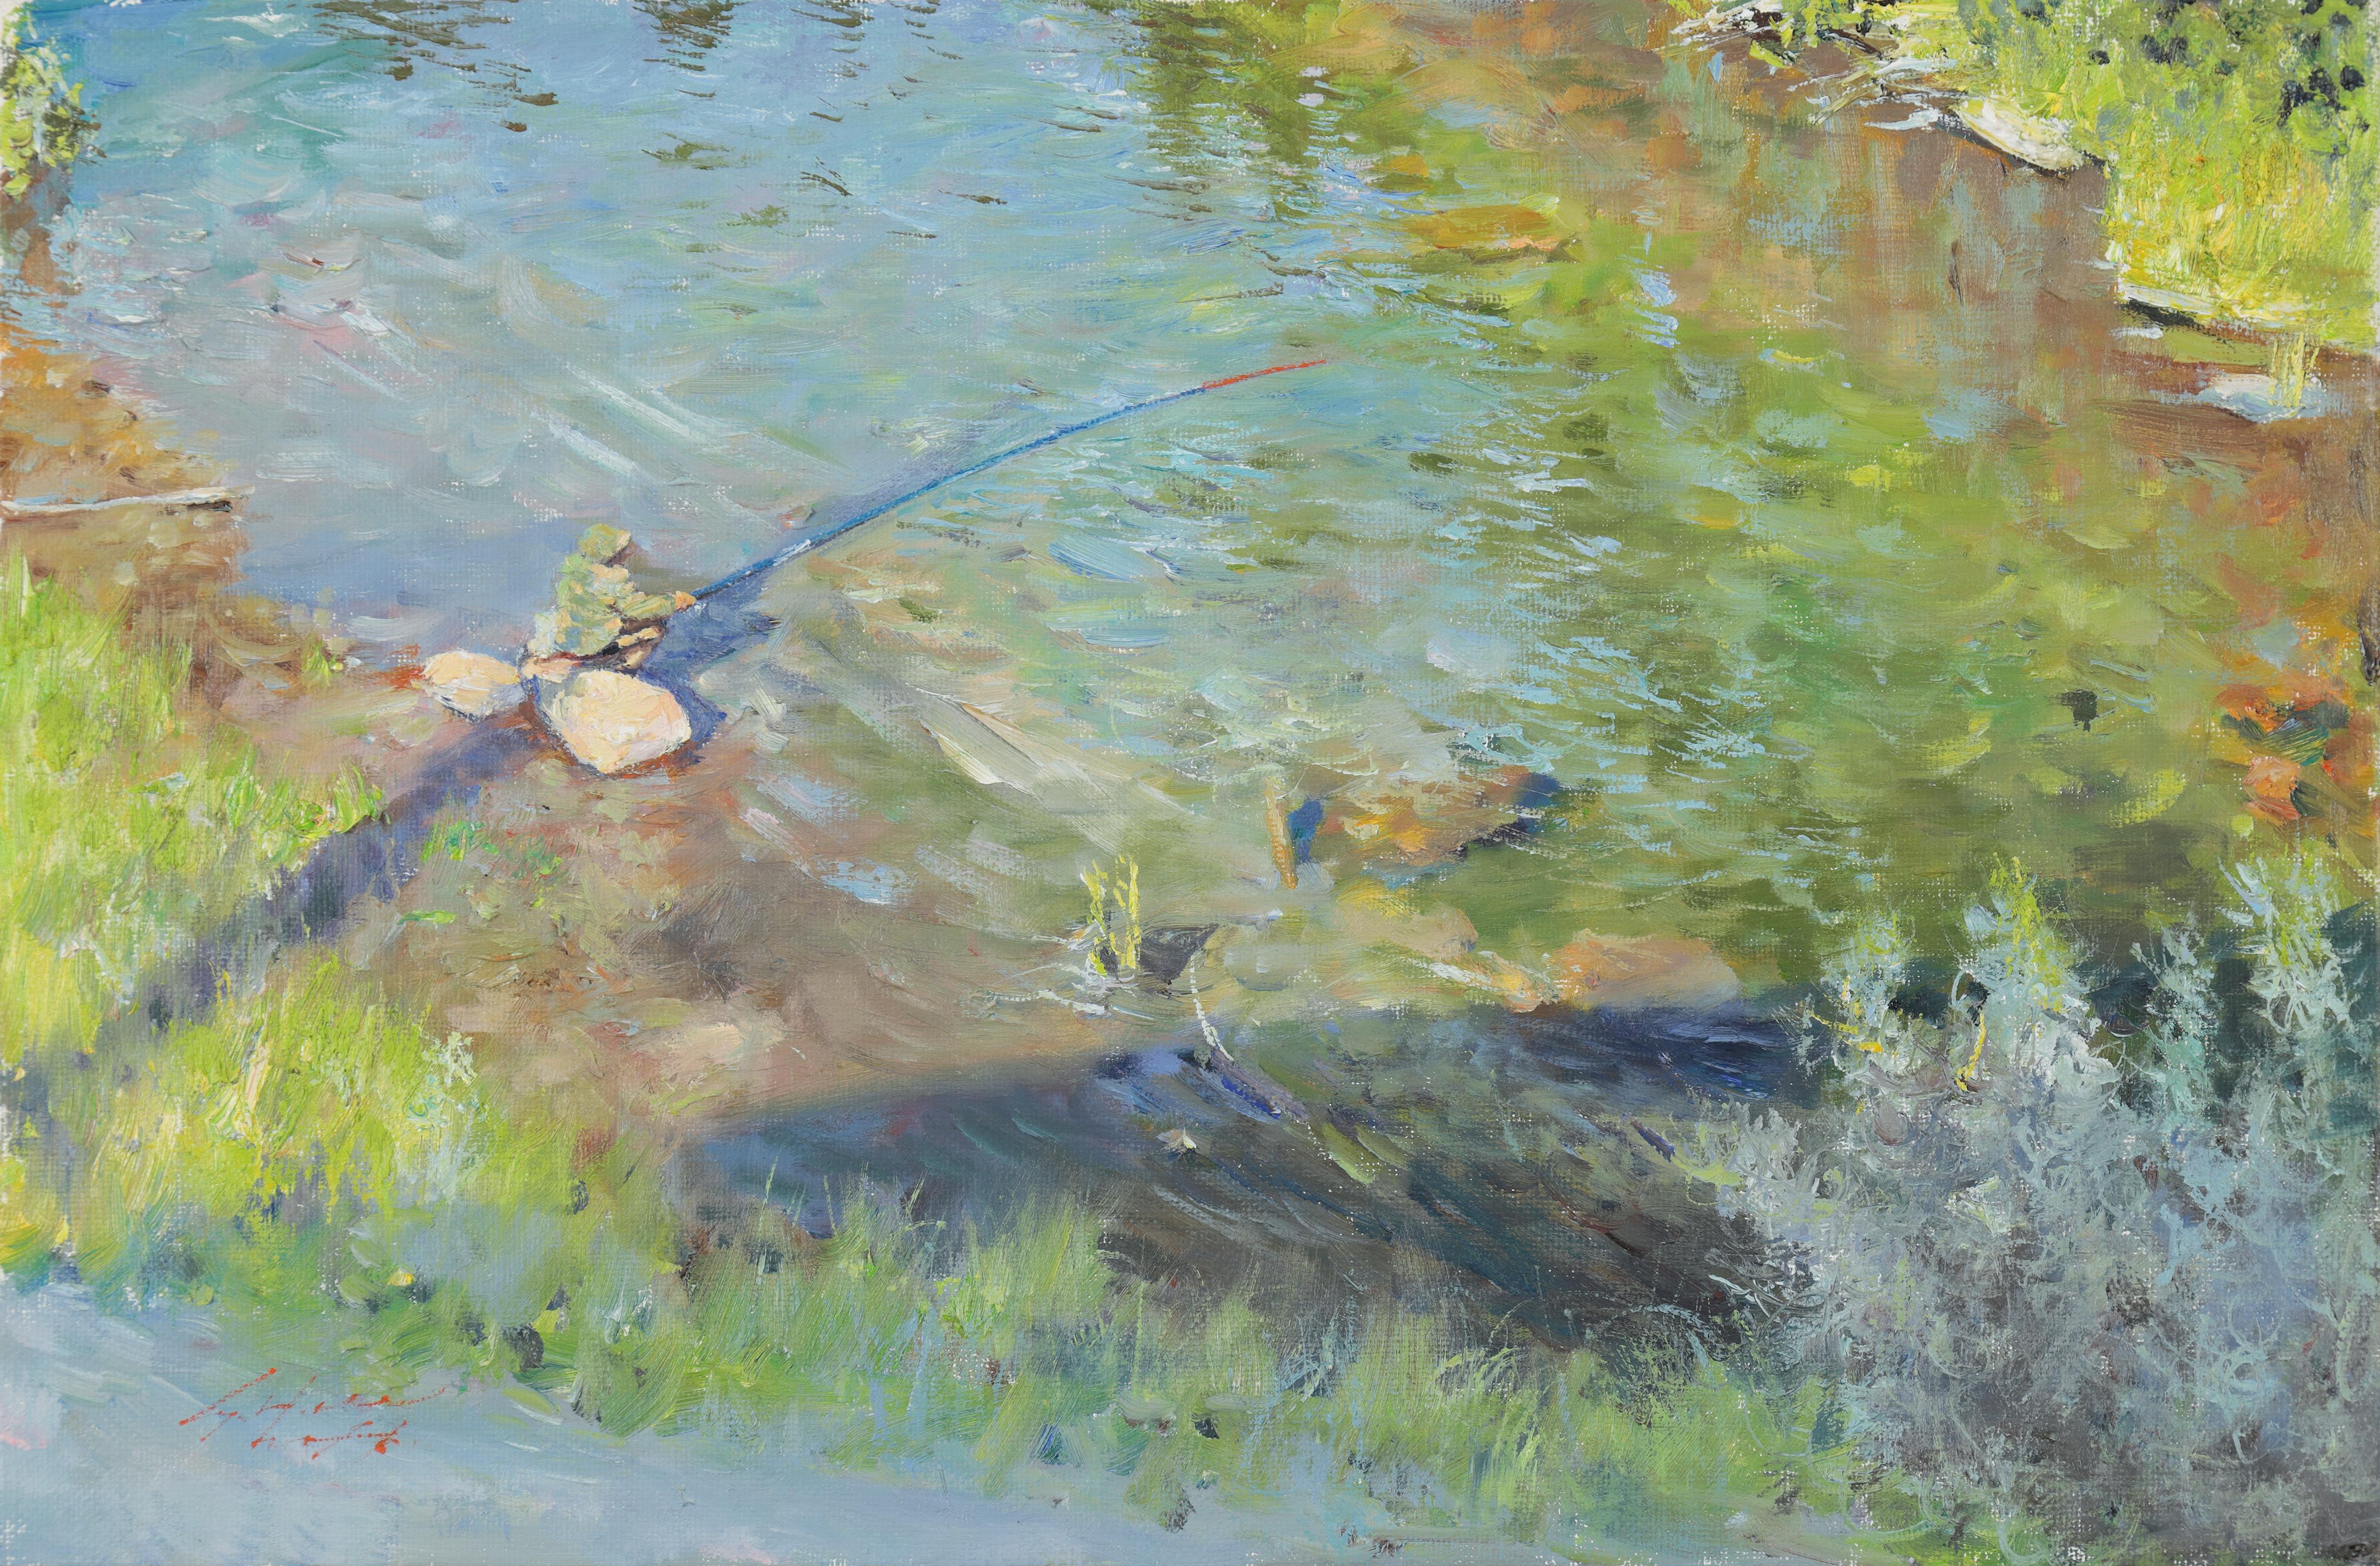 18 낚시 27x40.9 Oil on canvas 2016